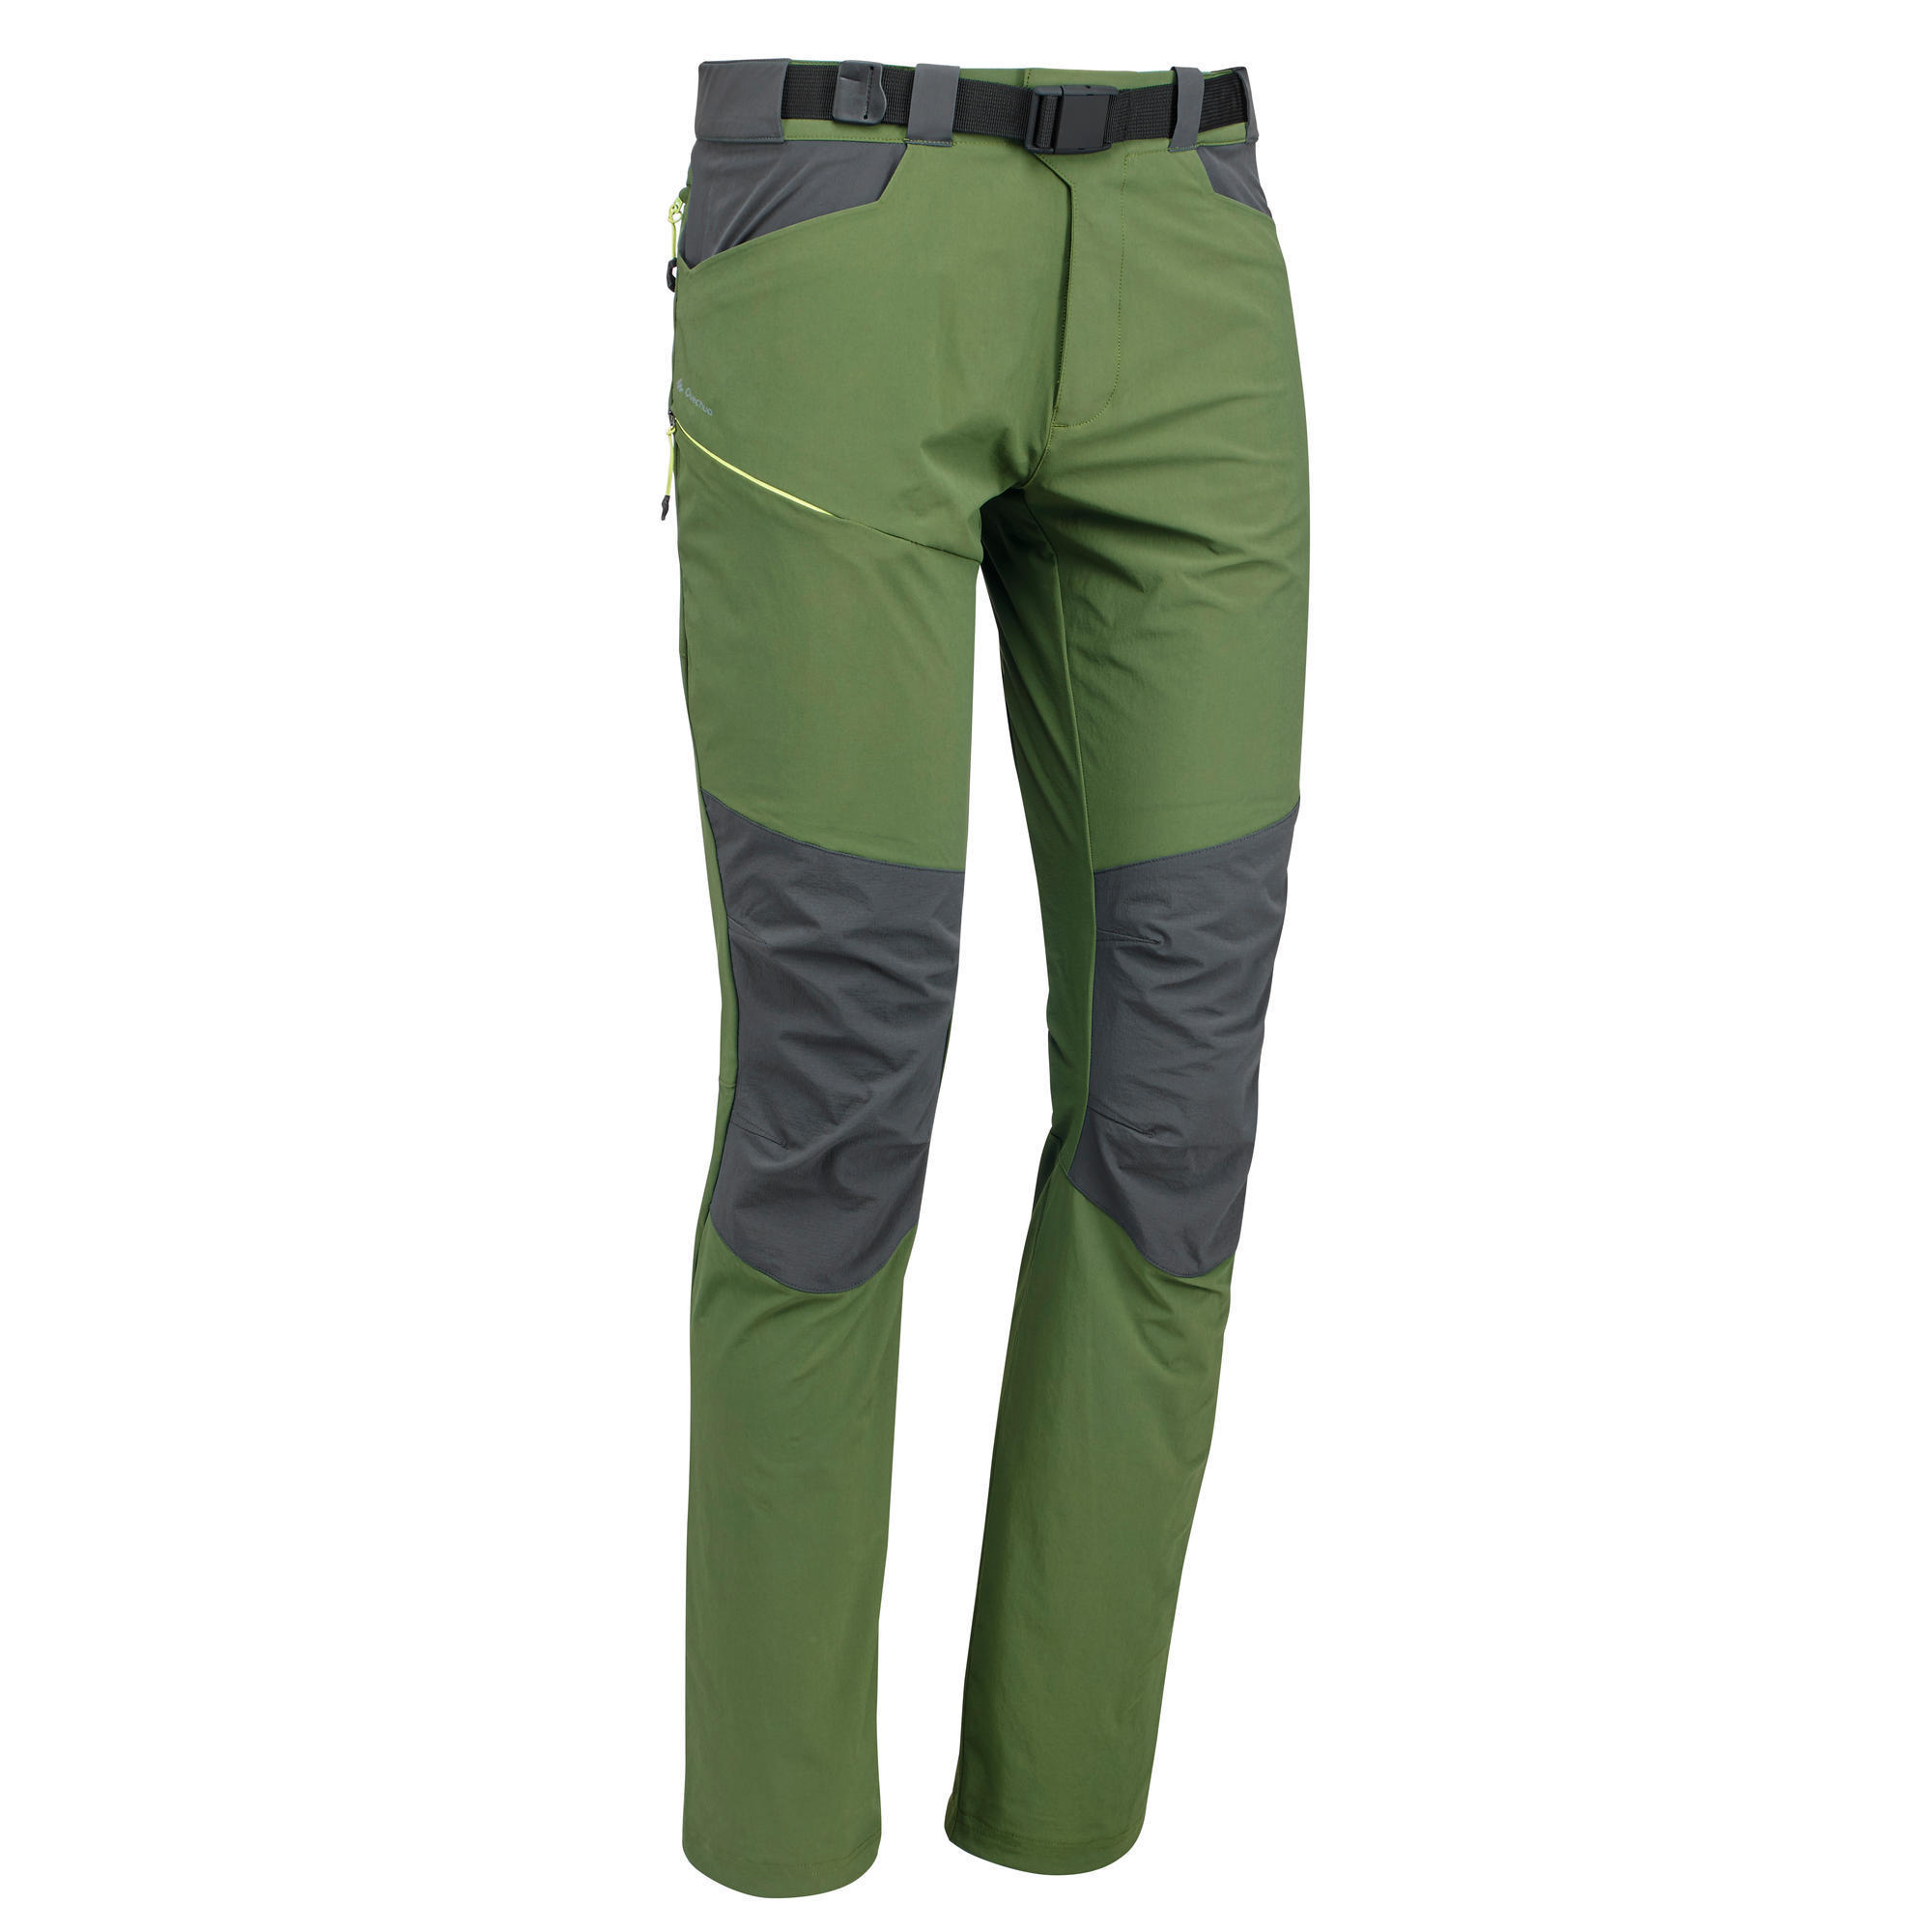 Mh500 Men S Mountain Hiking Trousers Green Quechua